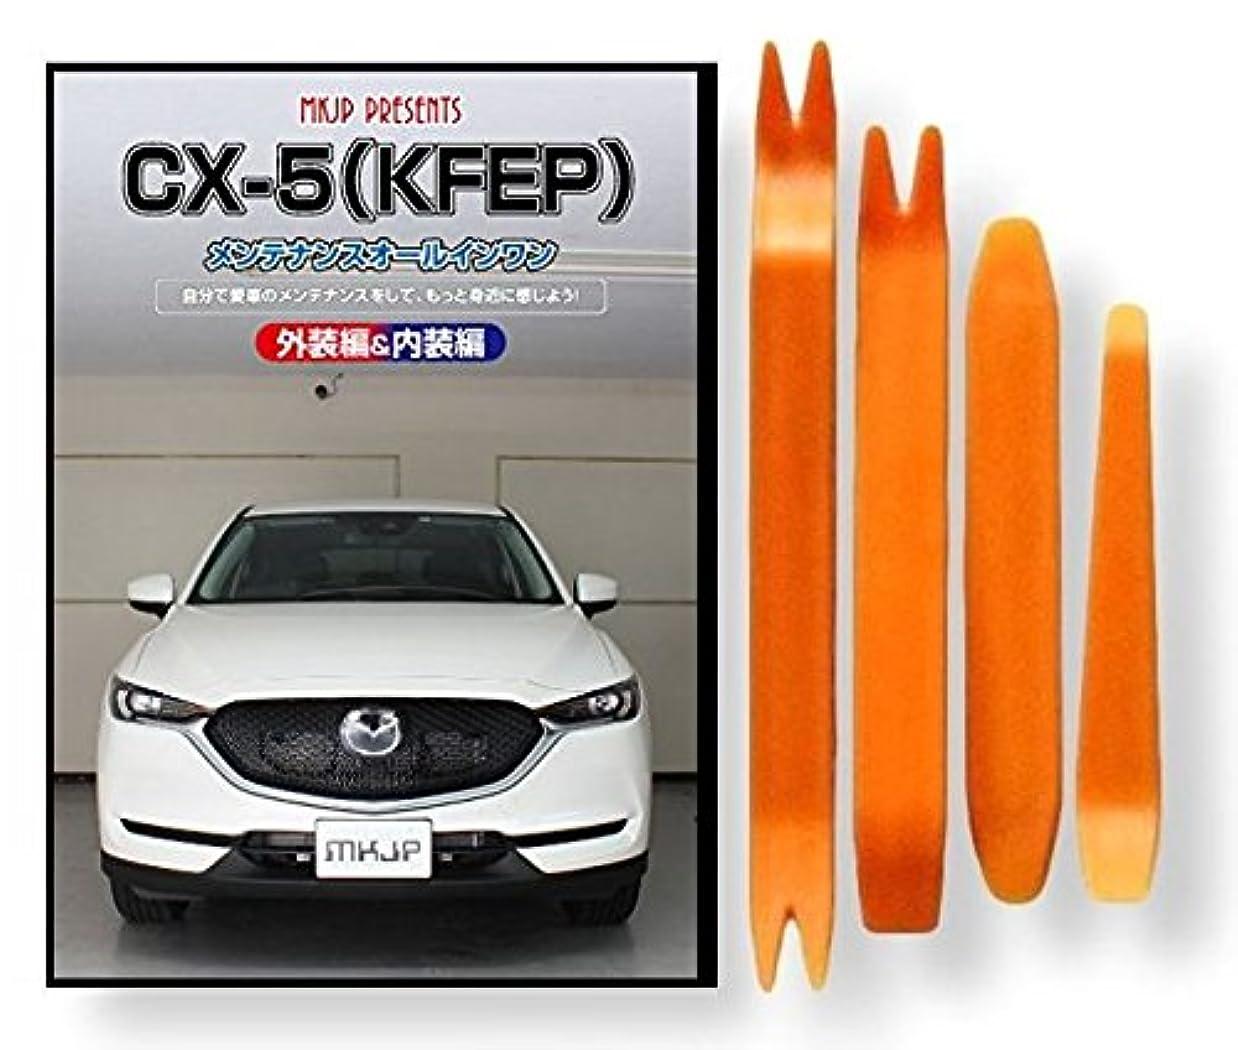 連続したプレゼント最後のマツダ CX-5 KF EPメンテナンス DVD 内張り はがし 内装 外し 外装 剥がし 4点 工具 軍手 セット [little Monster] MAZDA C231